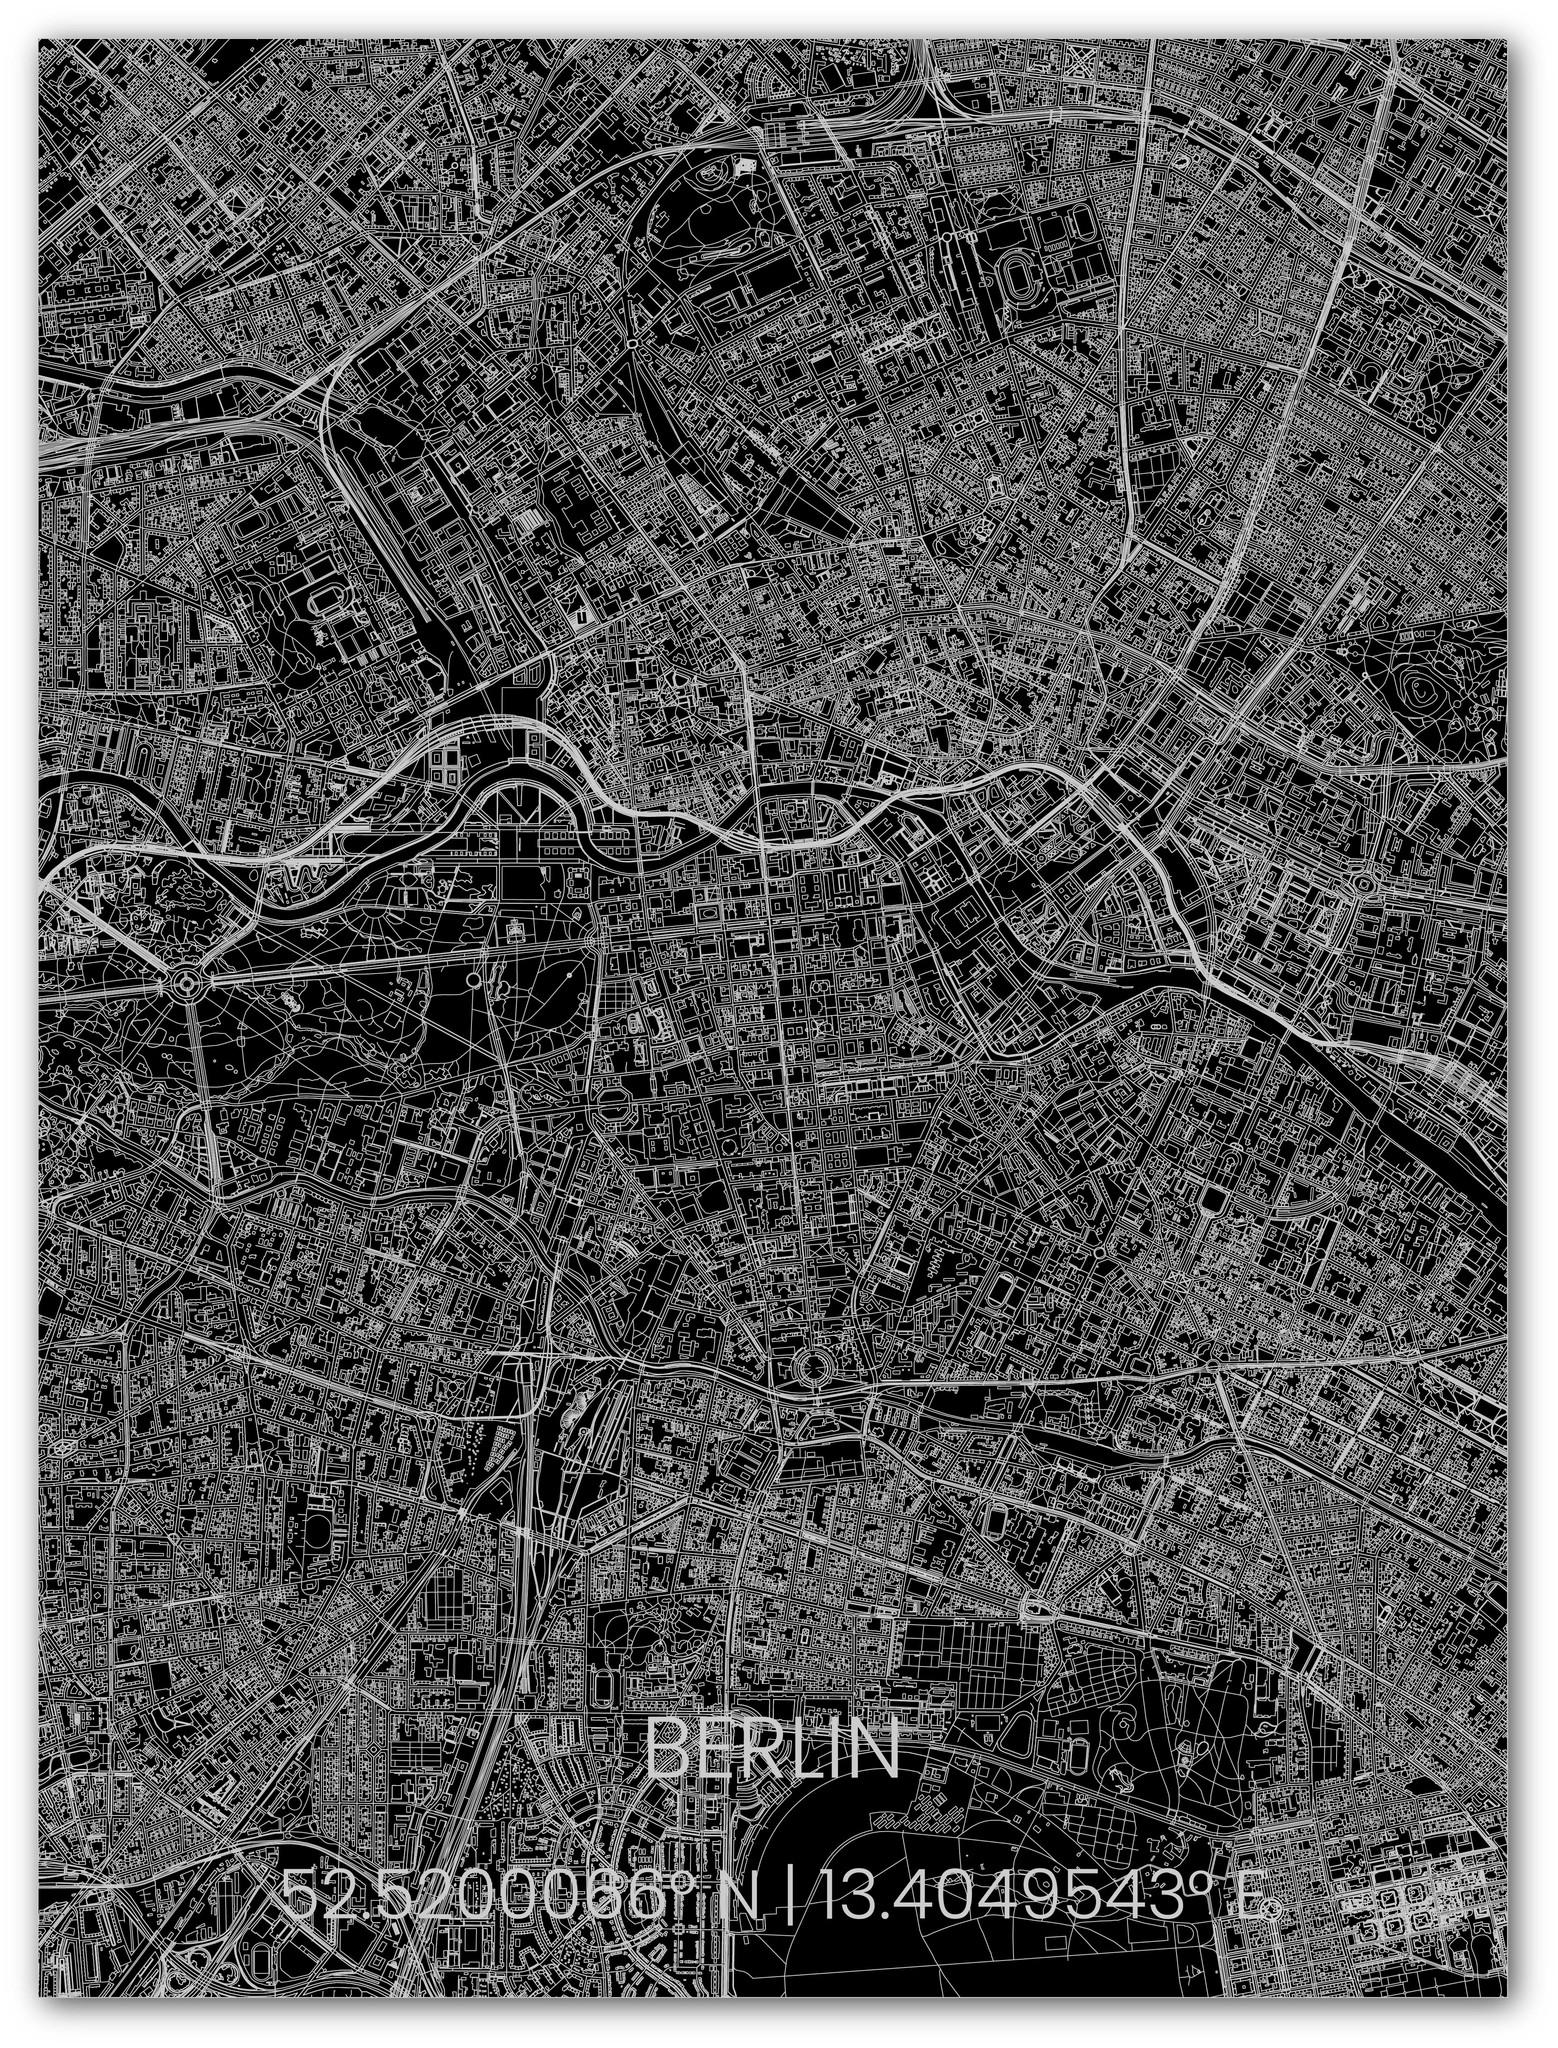 Metalen stadsplattegrond Berlijn-1